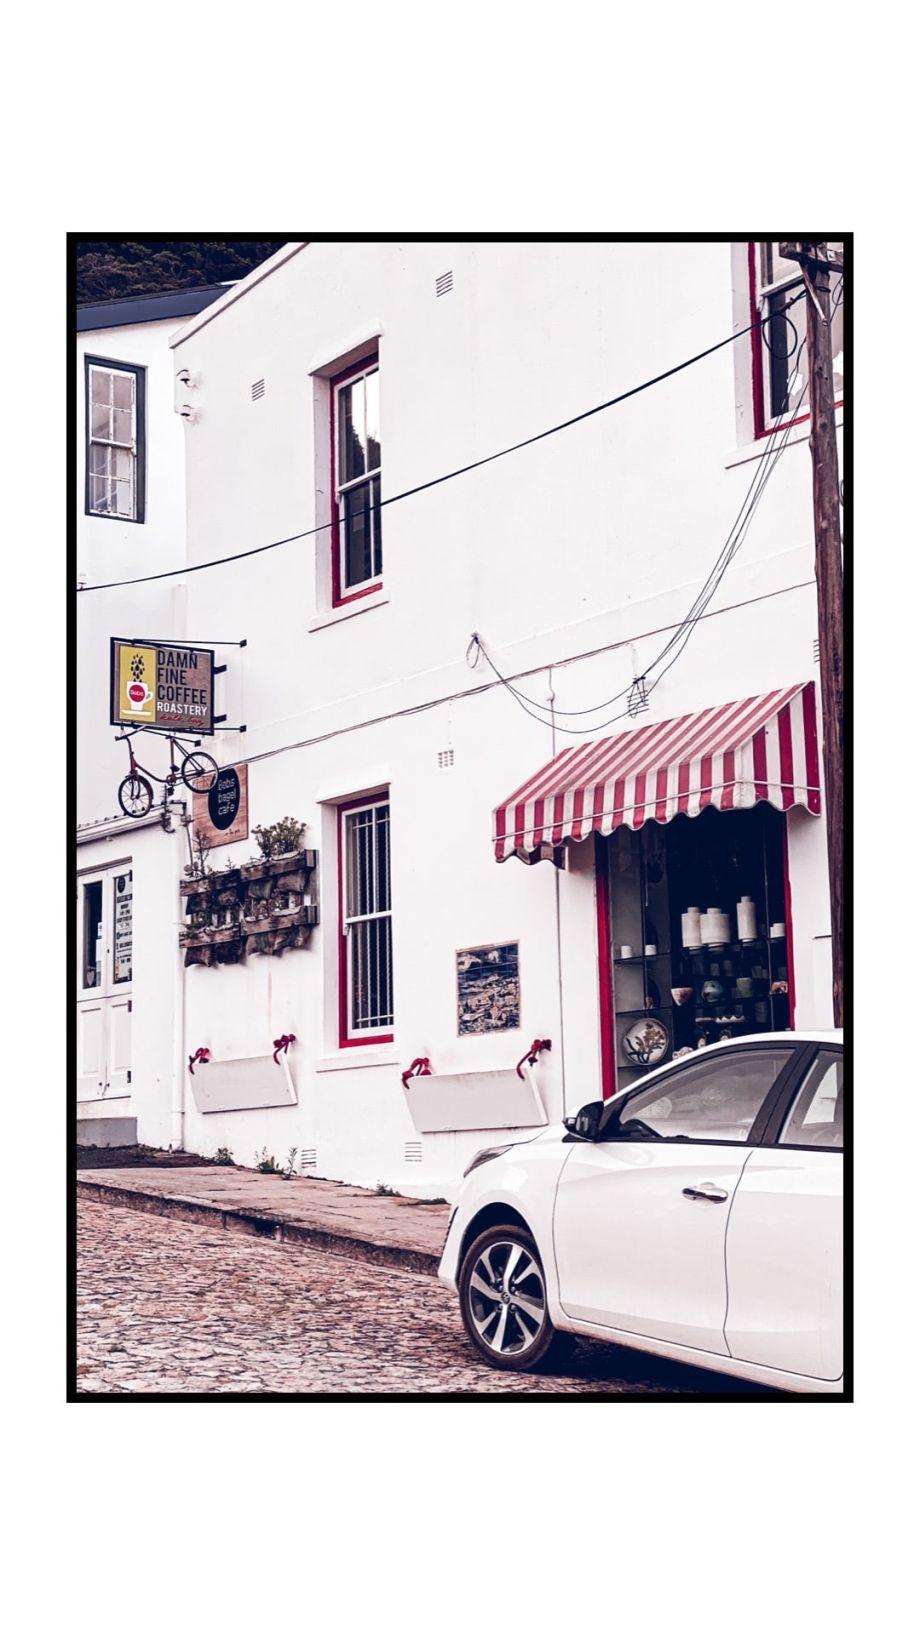 #Koffergeschichten #7 aus Kapstadt… hab ich mich verändert? Moonstruck, Kalk Bay, Steenberg, Buitenverwachting & eine Kakerlake im Bett...